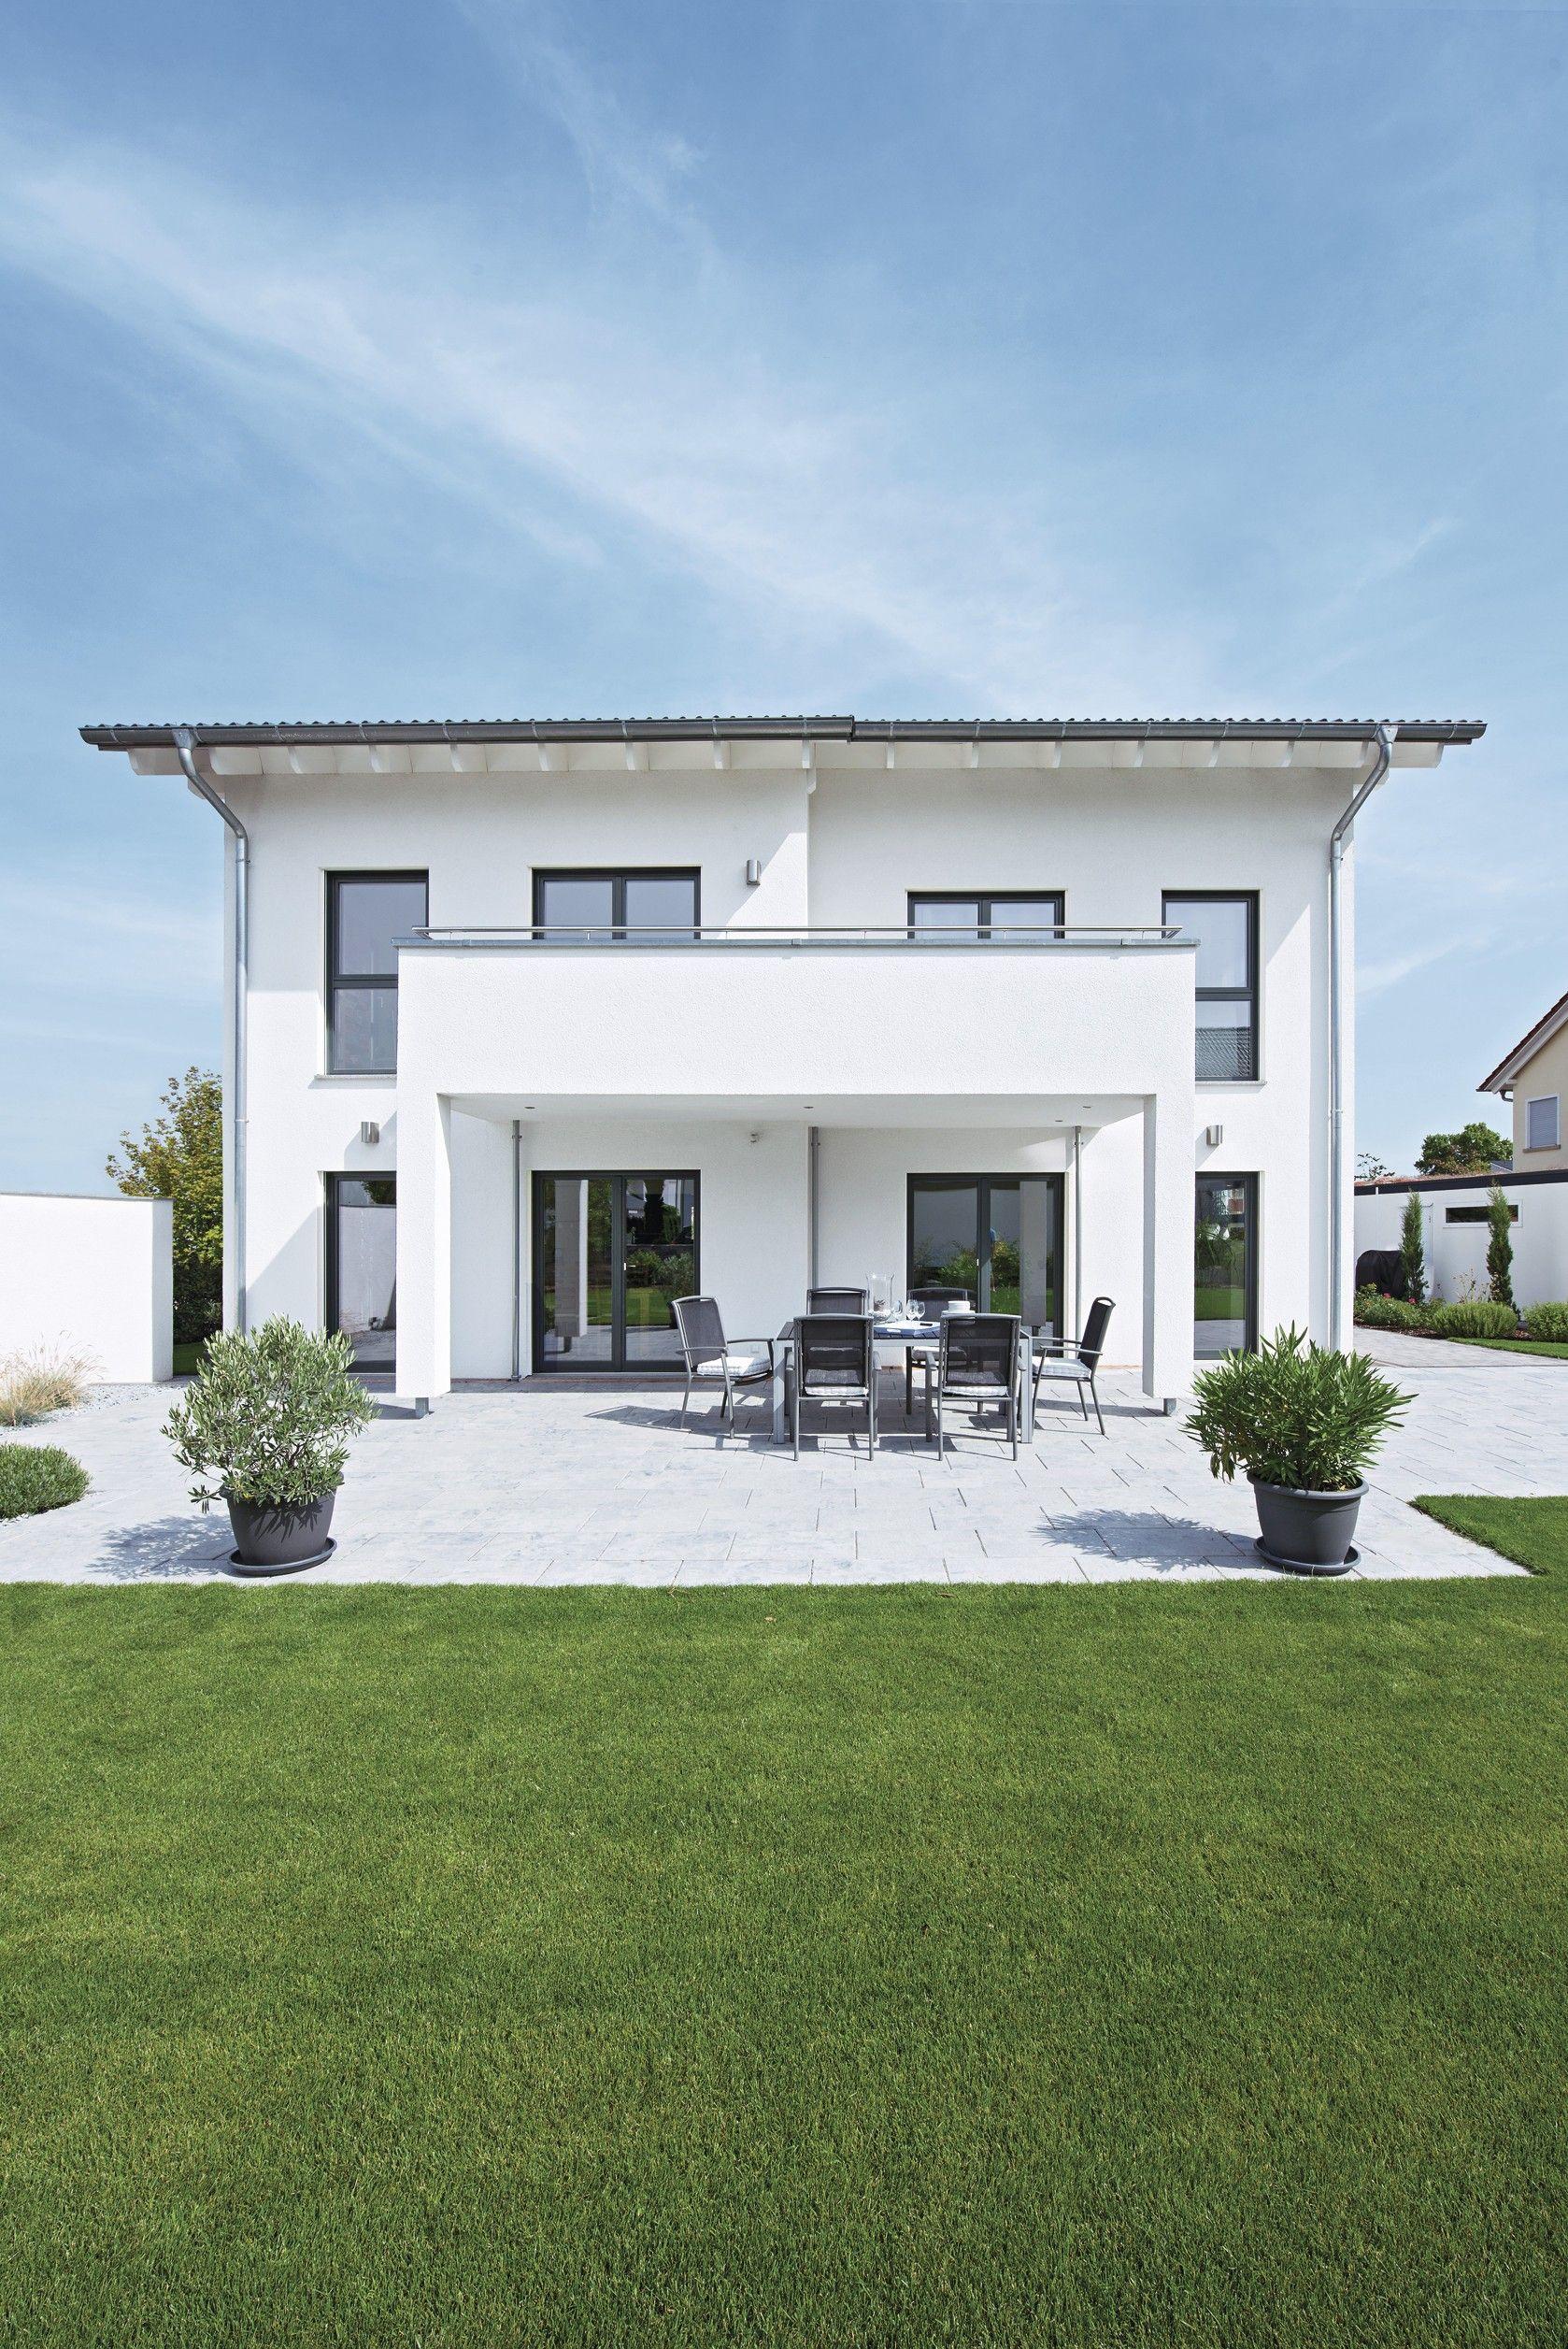 Weberhaus fertigbauweise fertighaus holzbauweise for Zweifamilienhaus bauhausstil